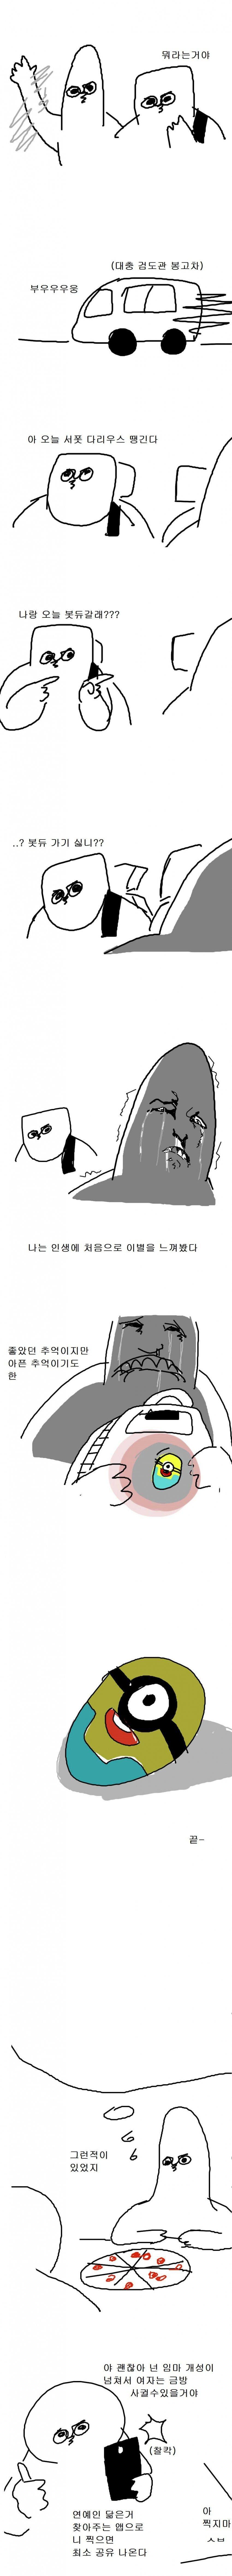 7.jpg (스압) 검도관 여자애 짝사랑했던 만화.manhwa